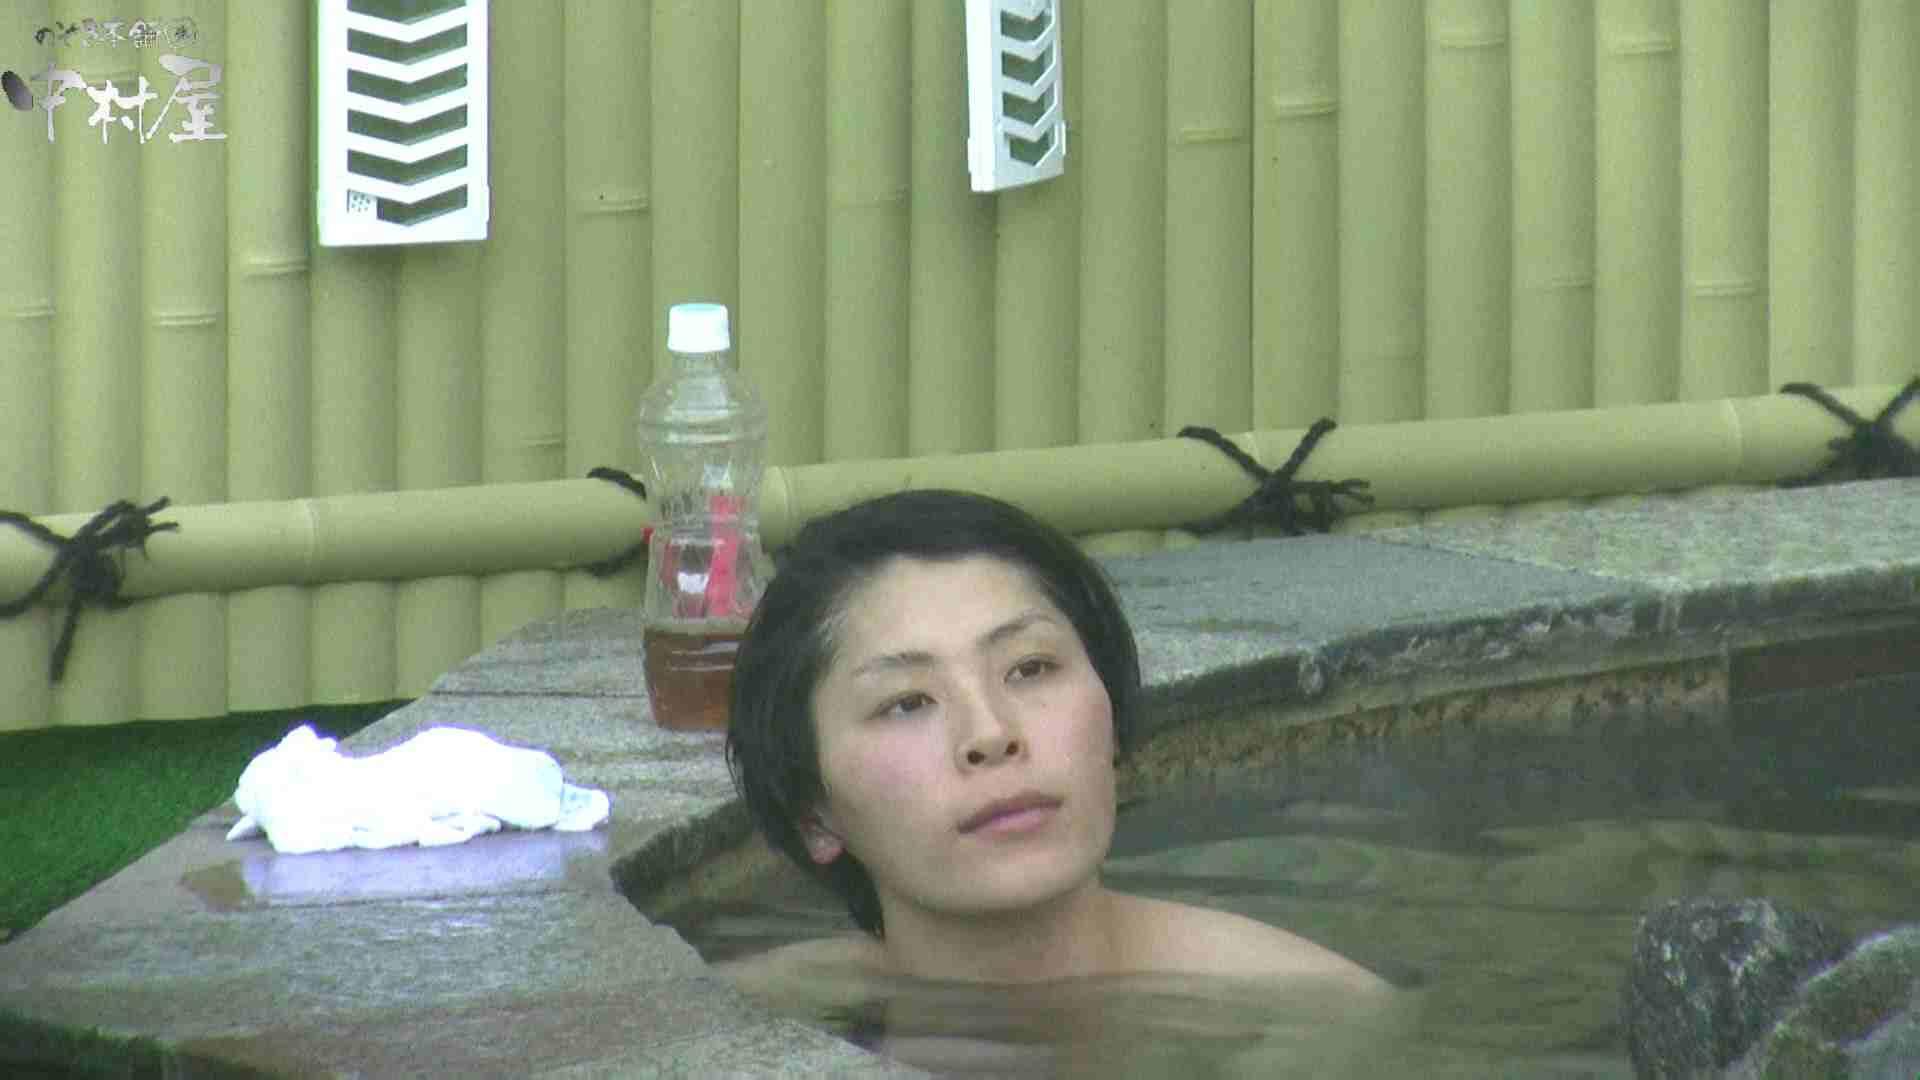 Aquaな露天風呂Vol.970 盗撮 オメコ無修正動画無料 97画像 14